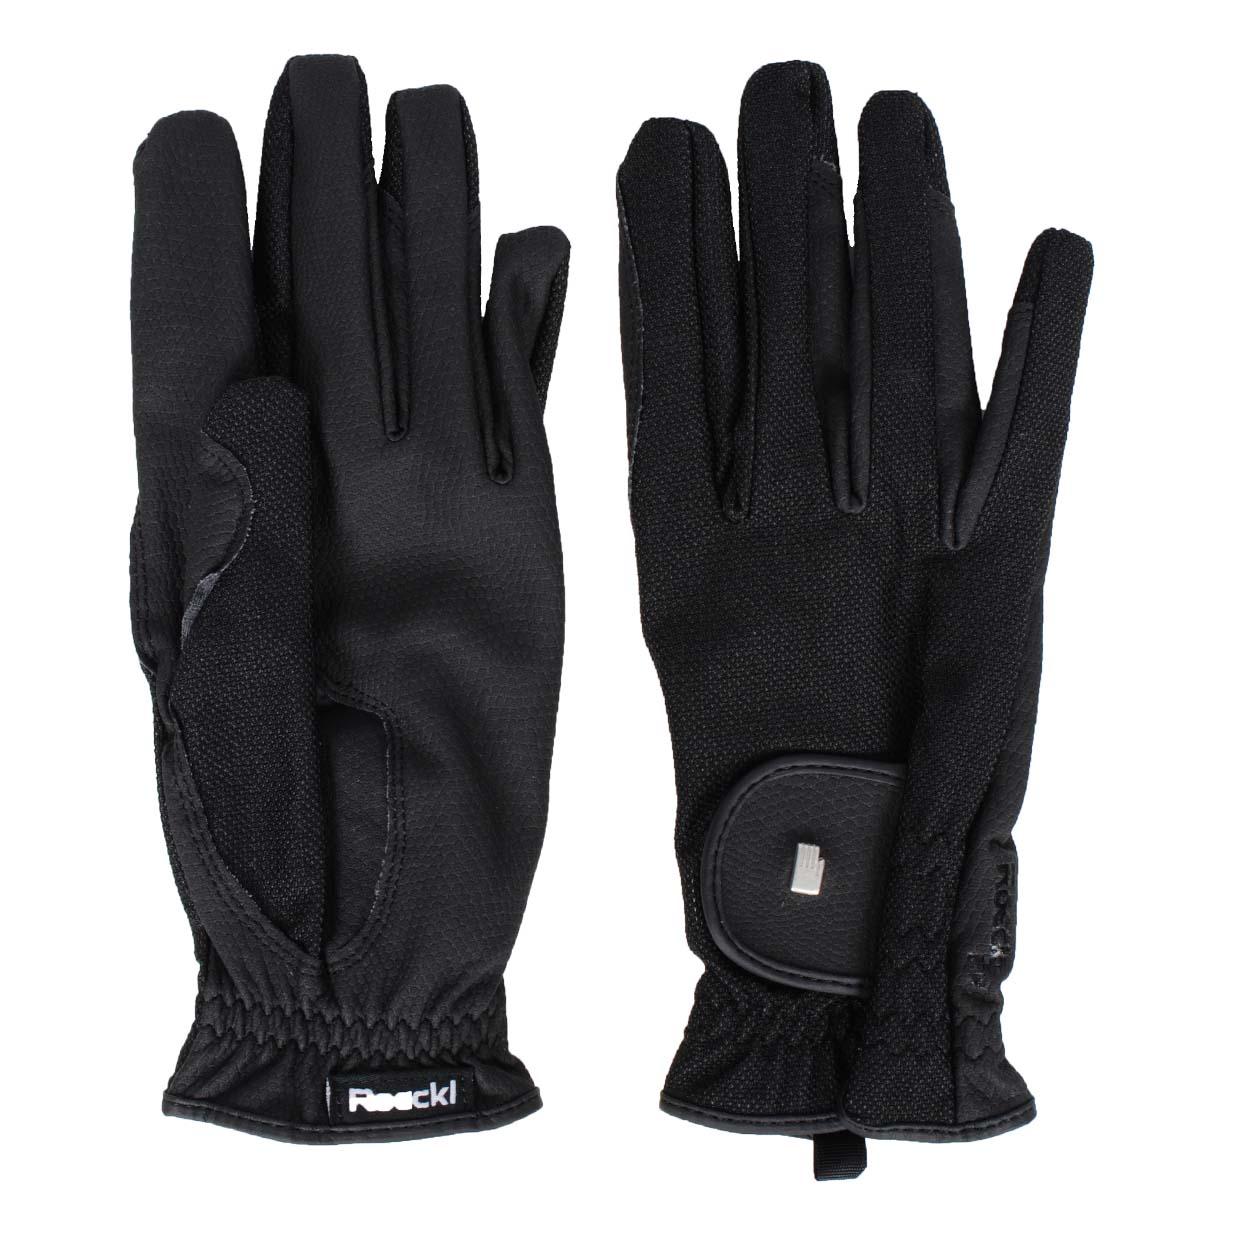 Roeckl Roeck Grip Lite handschoenen zwart maat:6,5